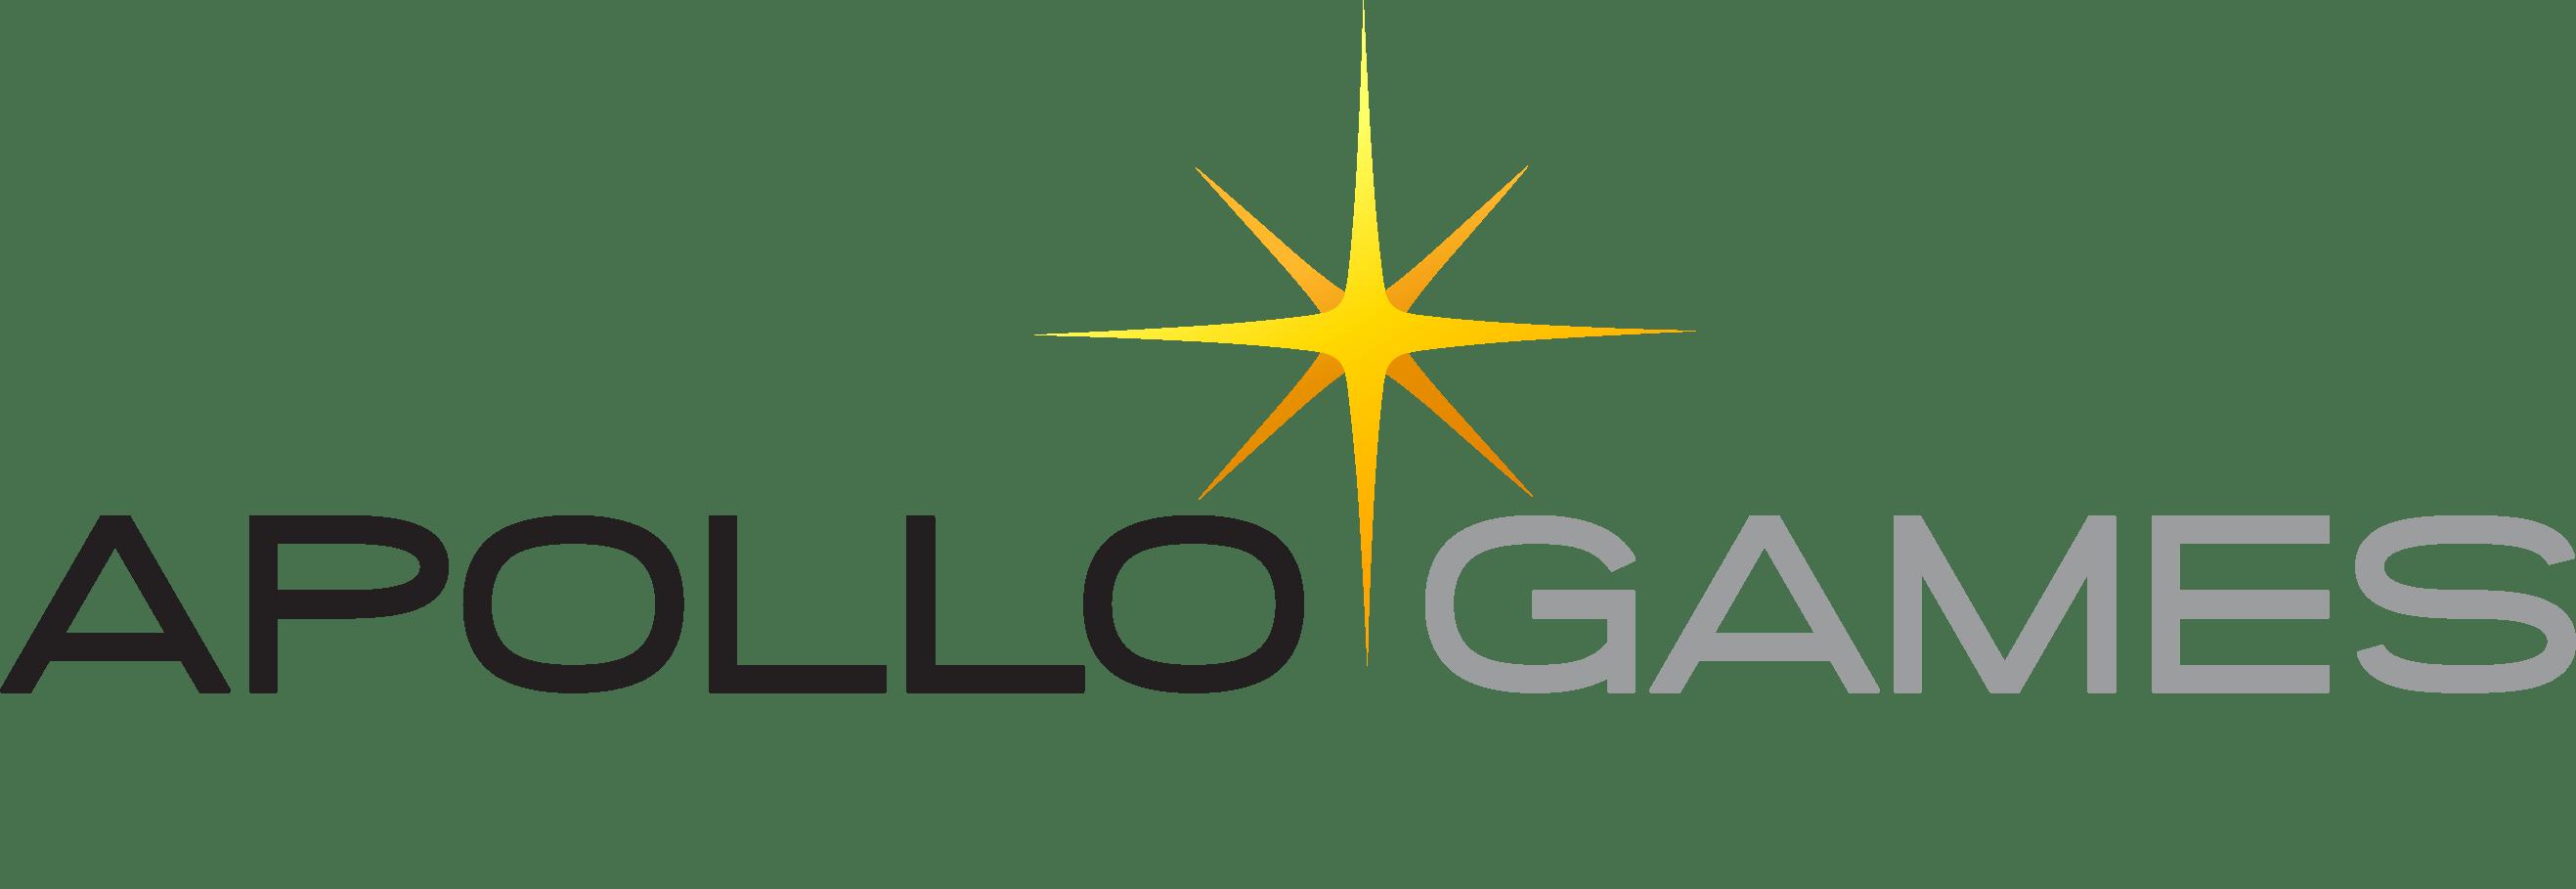 Apollo Games giochi